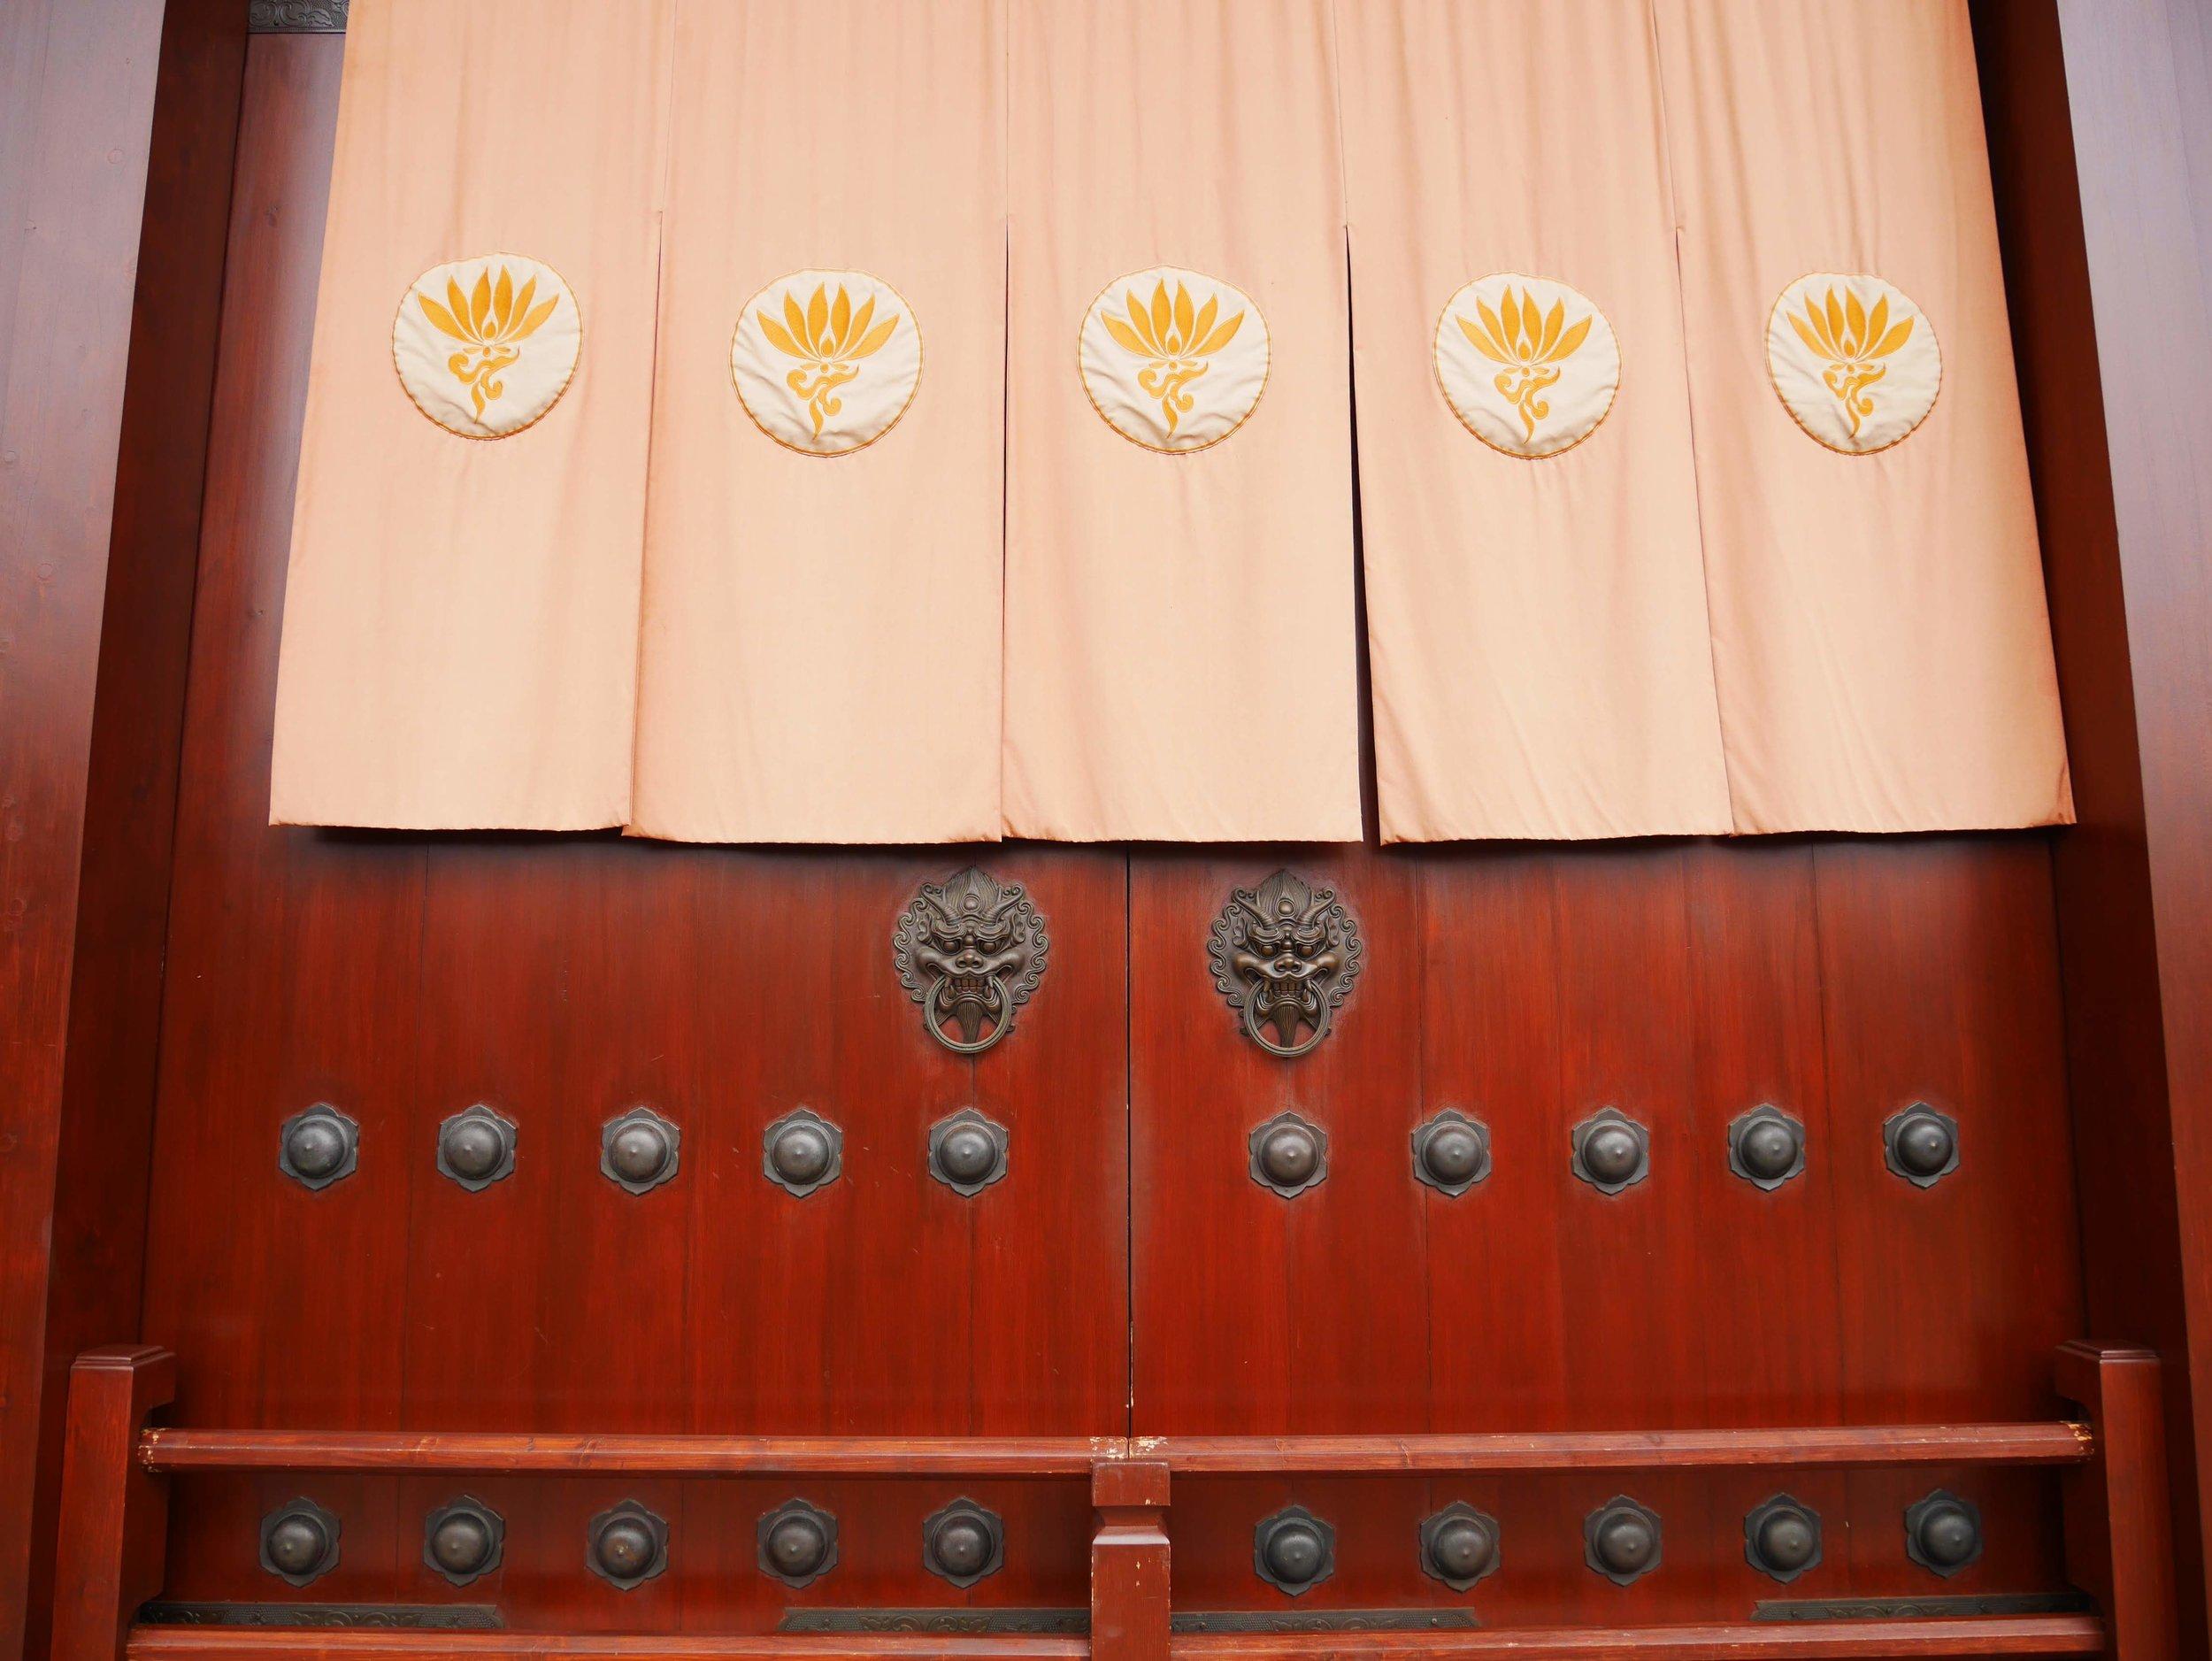 The great doors at the Chi Lin Nunnery in Hong Kong.